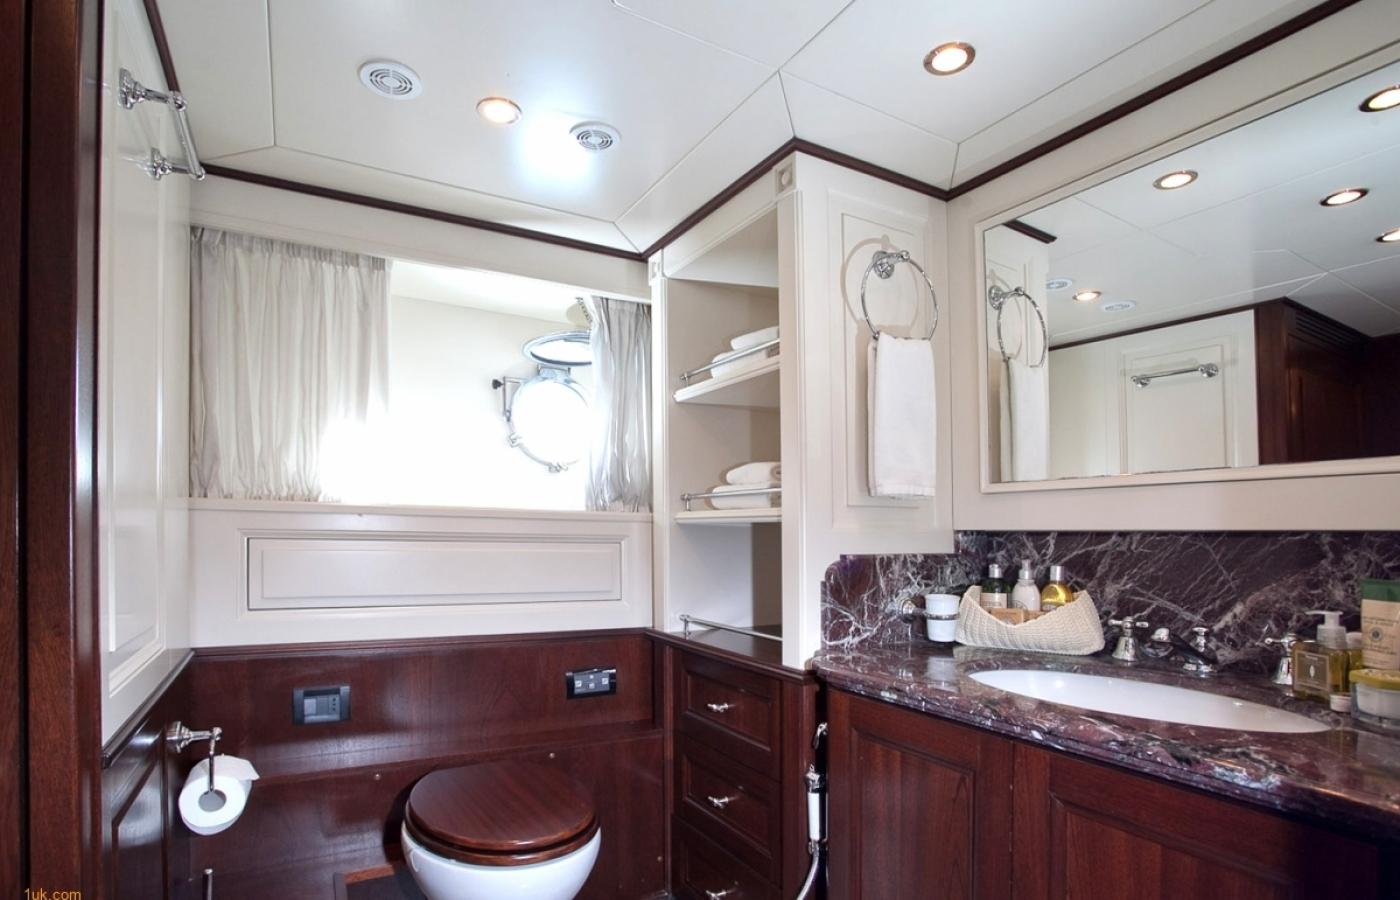 Harmonya_Master Cabin Bath